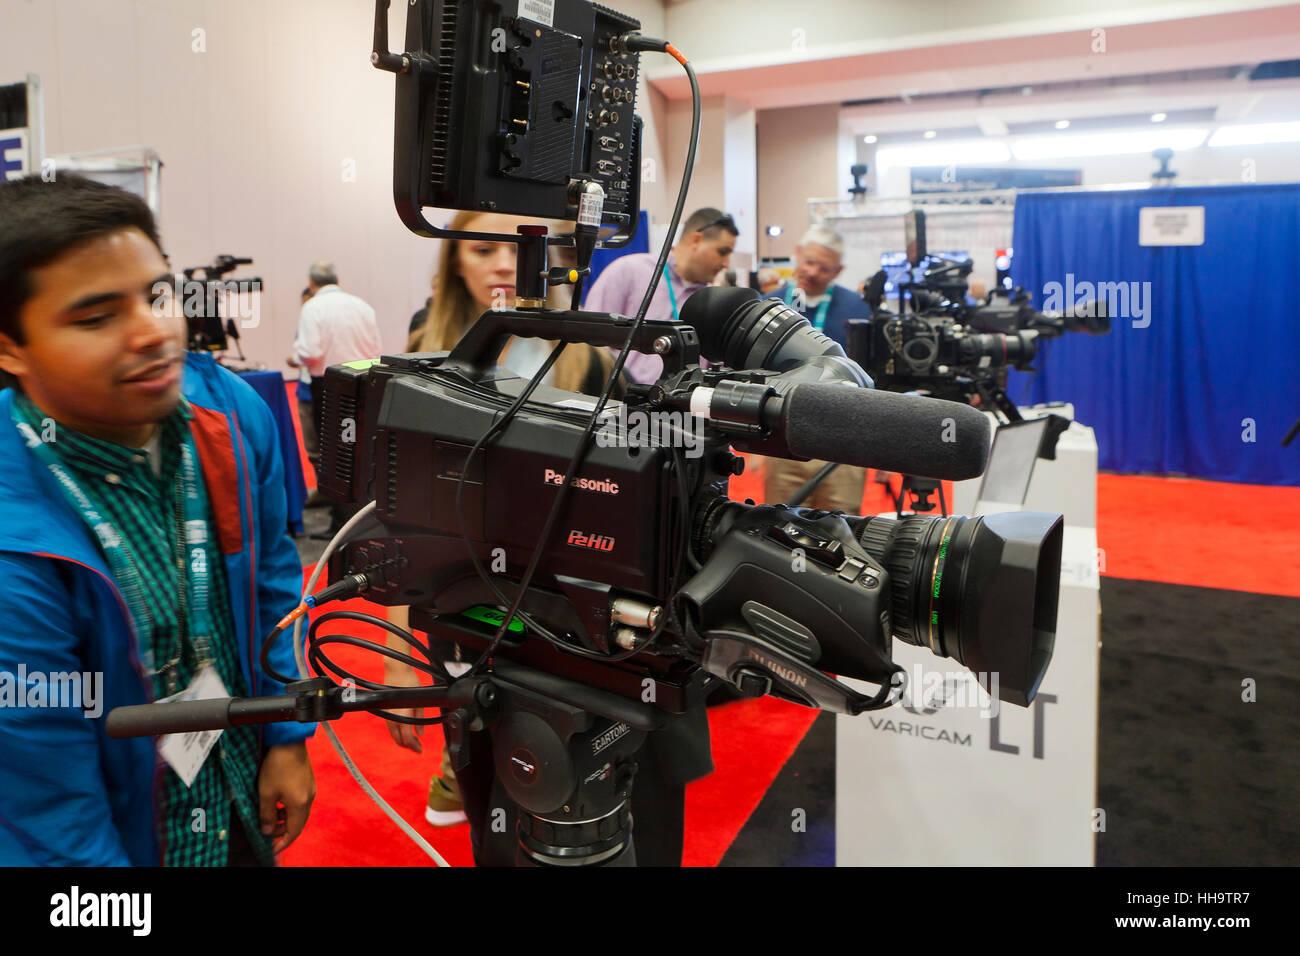 Les systèmes de caméras vidéo broadcast Panasonic sur l'affichage à une foire commerciale - USA Banque D'Images